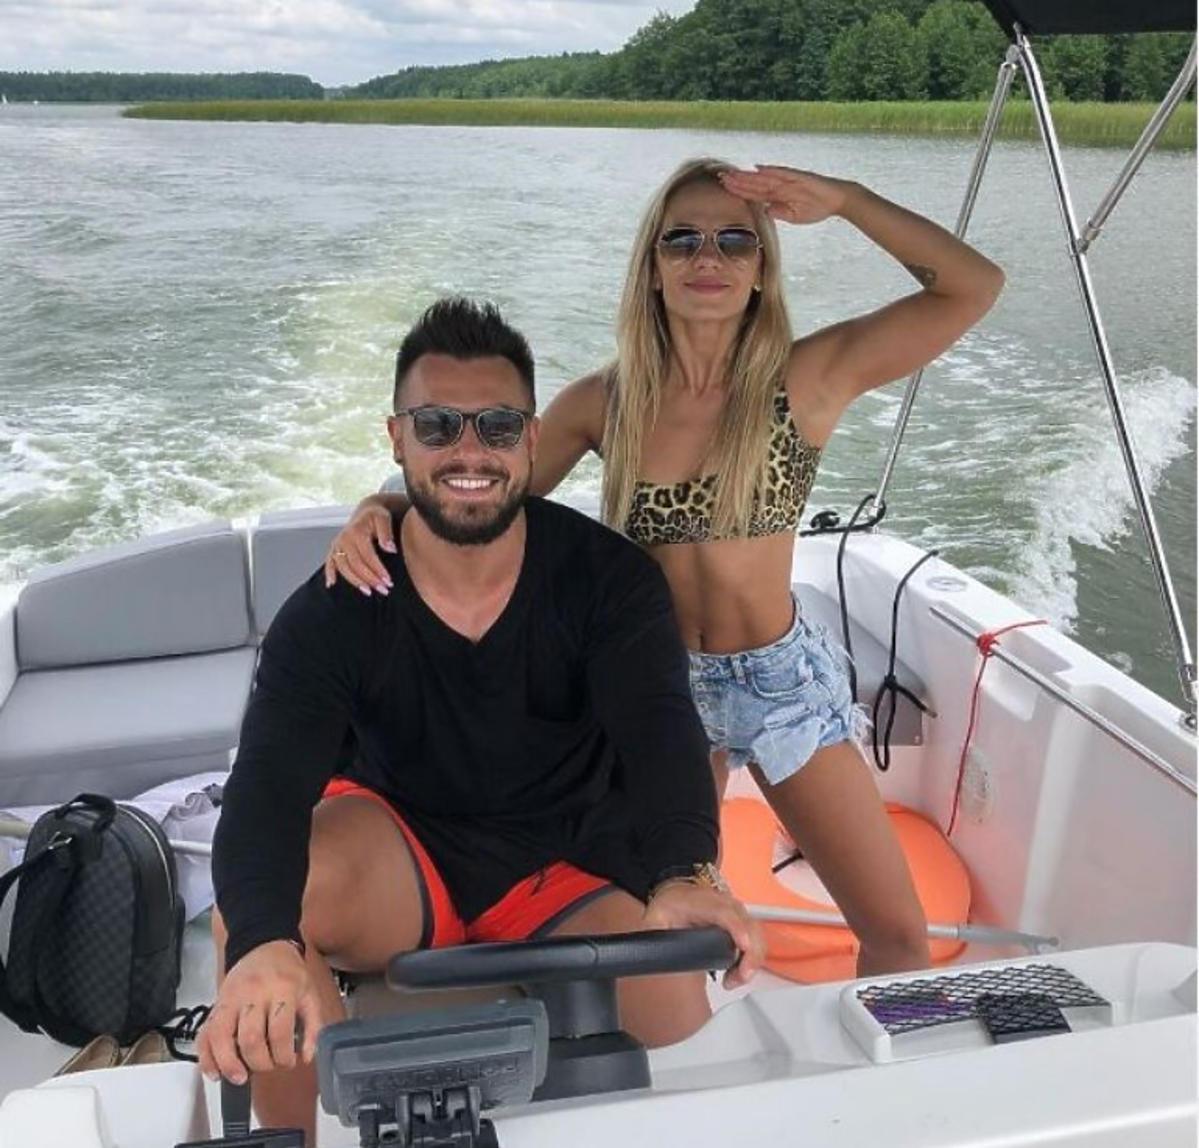 Emilian Gankowski i Kasia Dziurska pływają motorówką